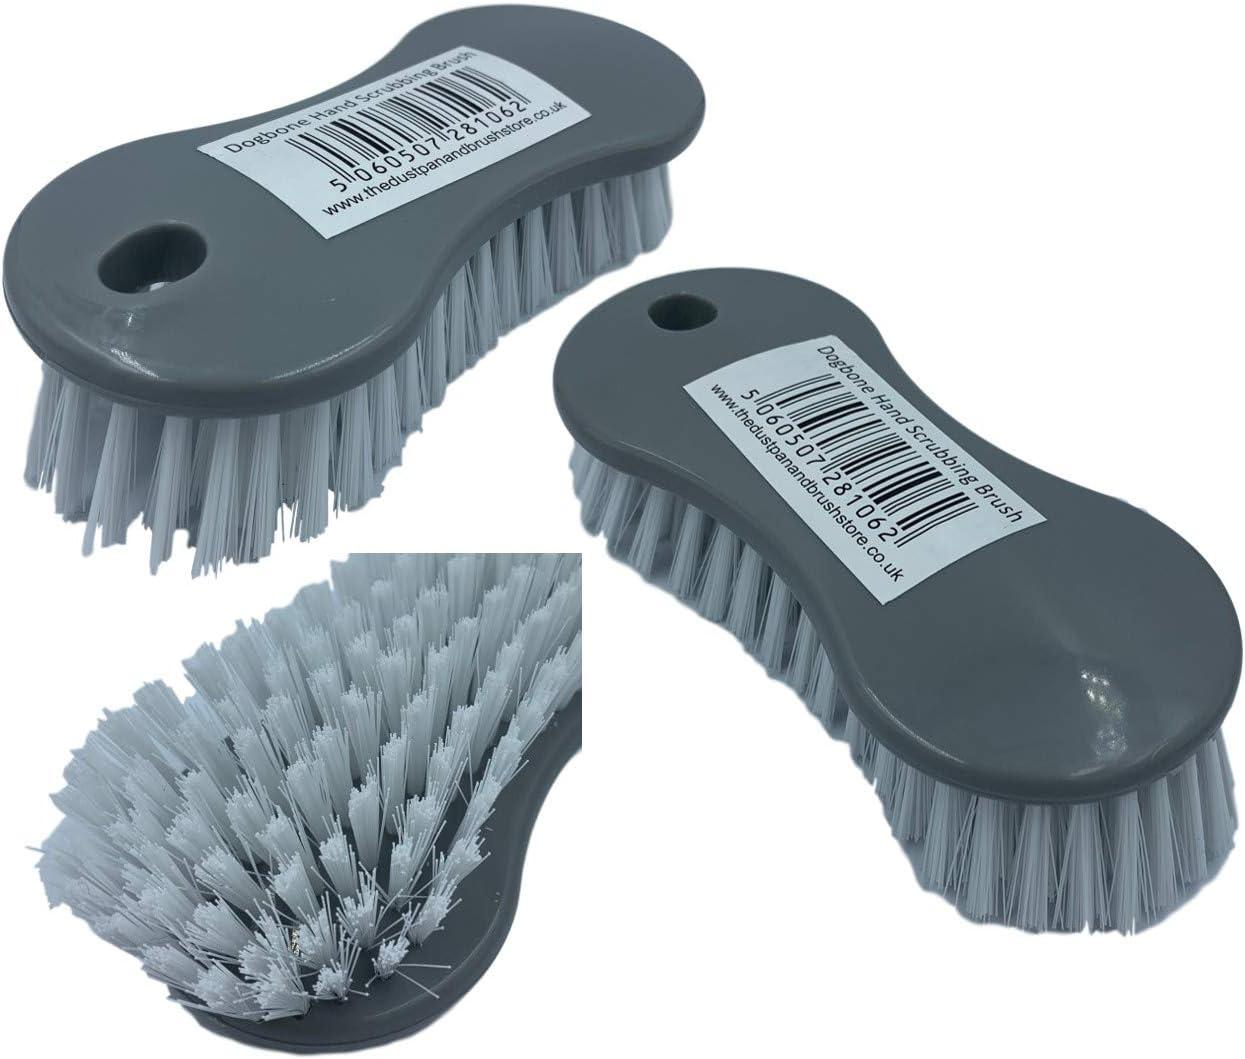 Vaisselle plat brosse de nettoyage brosses set de 3 violet blanc soft grip poignée